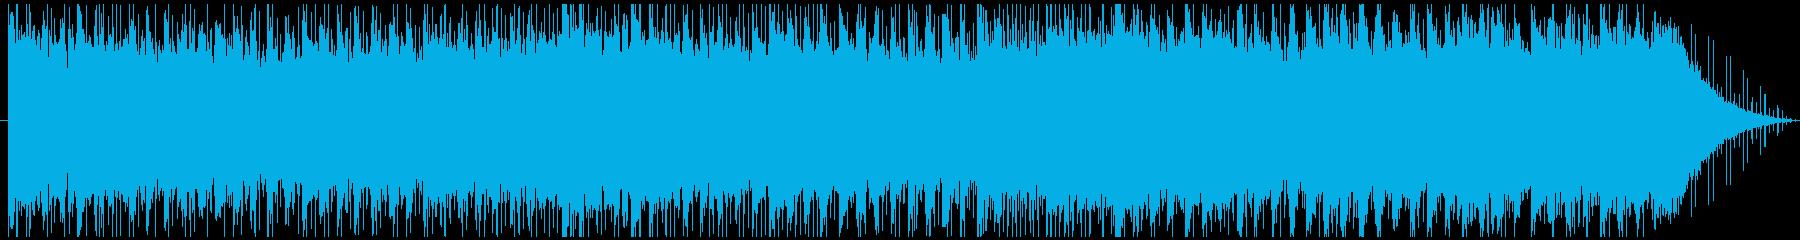 ラウンジ まったり 実験的な アン...の再生済みの波形